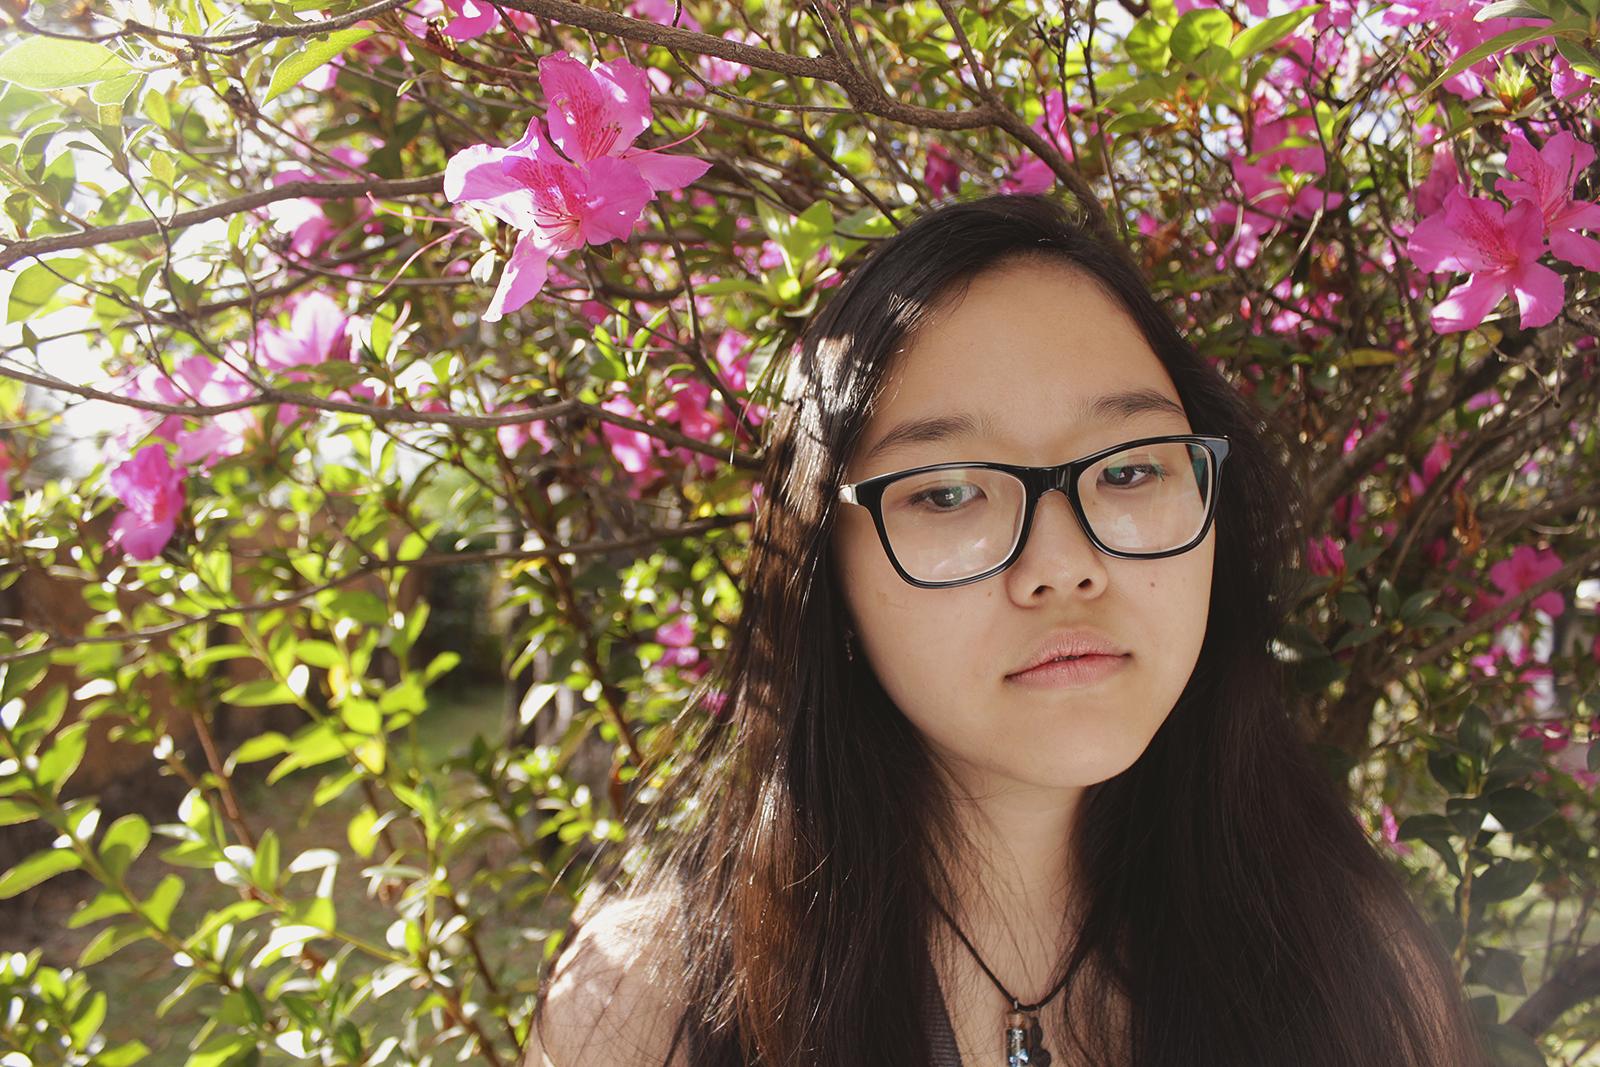 ensaio-fotografico-adolescente